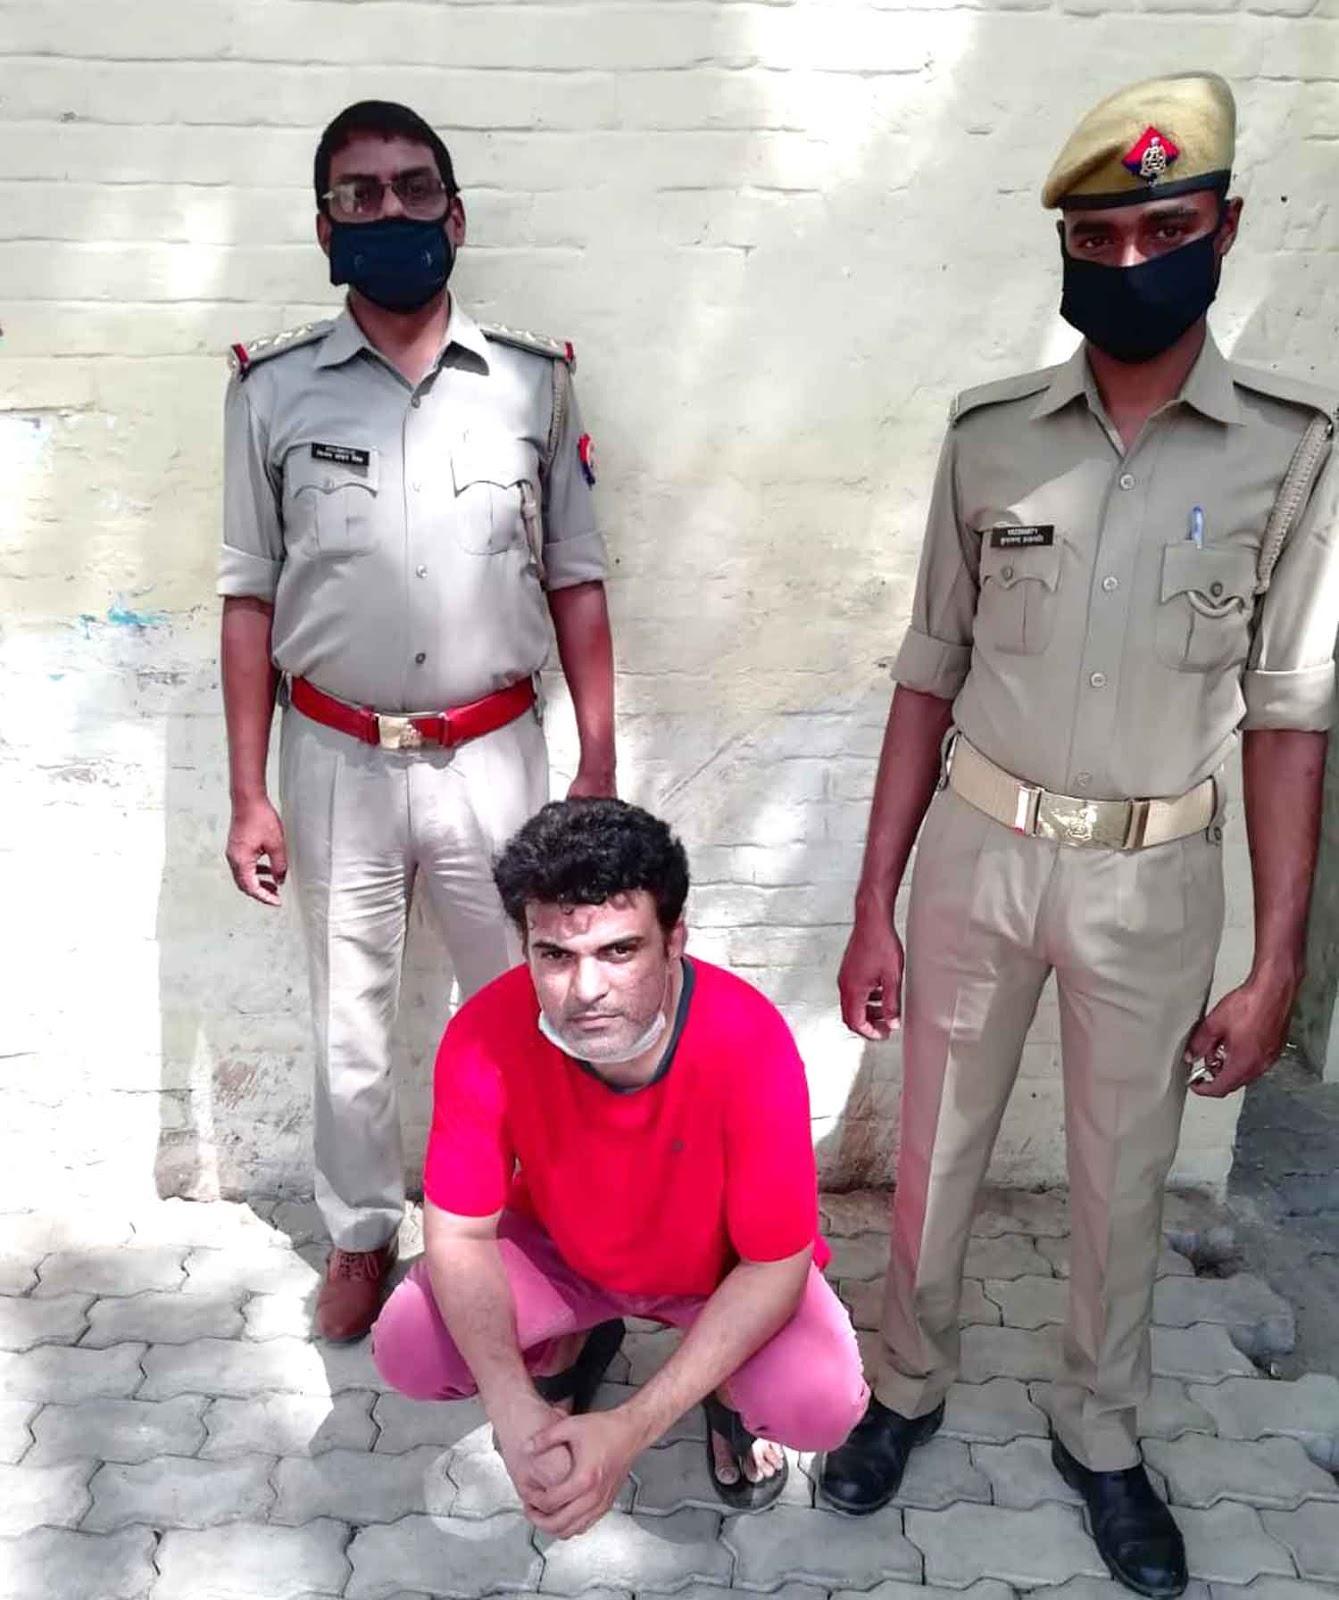 जौनपुर। पुलिस अधीक्षक अशोक कुमार के निेर्दशन में अपराध एवं अपराधियों के विरूद्ध प्रभावी नियंत्रण एवं कार्यवाही हेतु चलाये जा रहे अभियान के तहत लाइन बाजार थाना प्रभारी निरीक्षक दिनेश प्रकाश पाण्डेय के नेतृत्व में निरीक्षक विजय शंकर सिंह, म0उ0नि0 आरती सिंह मय हमराह का. पंकज पुरी व देवानन्द चेकिंग संदिग्ध वाहन/व्यक्ति तलाश वांछित अभियुक्त के क्षेत्र में मामूर थे। प्राप्त जानकारी के अनुसार वांछित अभियुक्त सद्भावना कालोनी सिटी स्टेशन के पास थाना लाइनबाजार निवासी फरहान खान पुत्र अब्दुल हमीद खान सिटी स्टेशन की तरफ जा रहा है। जिसके बाद पुलिस ने सक्रियता दिखाते हुए उसे सिटी स्टेशन के सामने से गिरफ्तार कर लिया। अभियुक्त ने फेसबुक पर आपत्तिजनक टिप्पणी किया था।